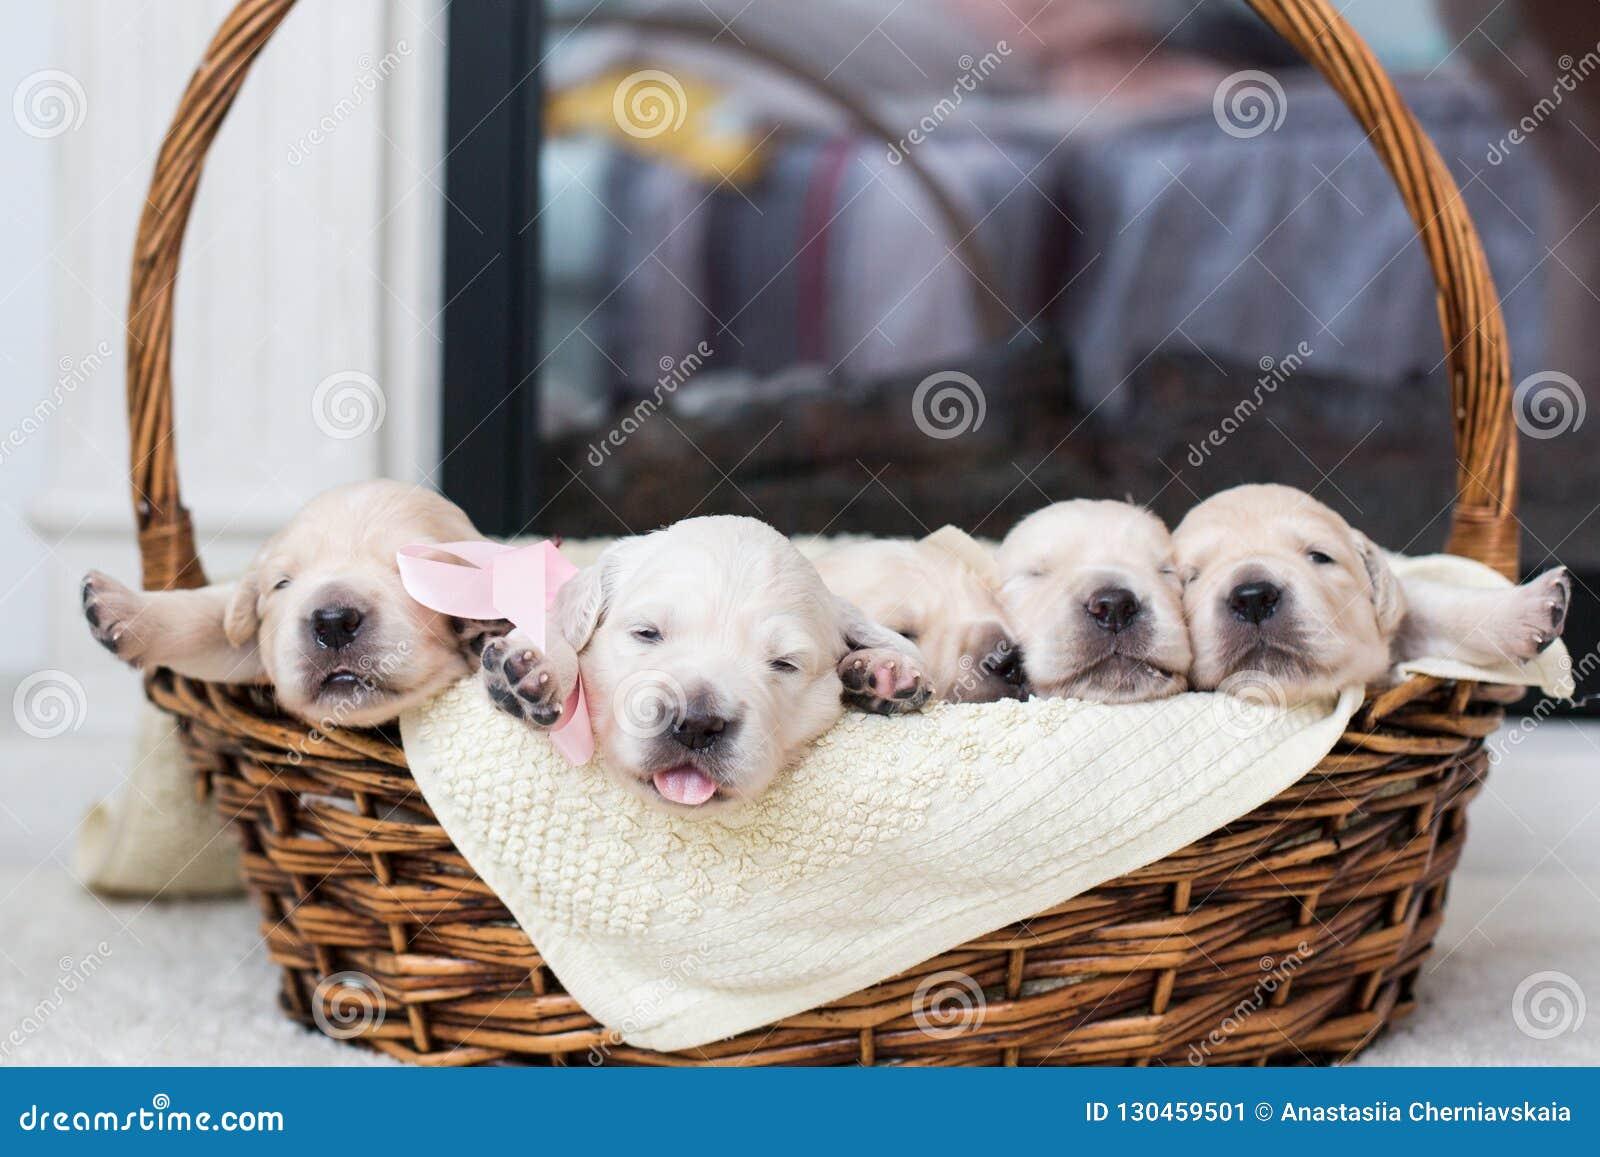 Cinco cachorrinhos adoráveis do golden retriever em uma cesta de vime